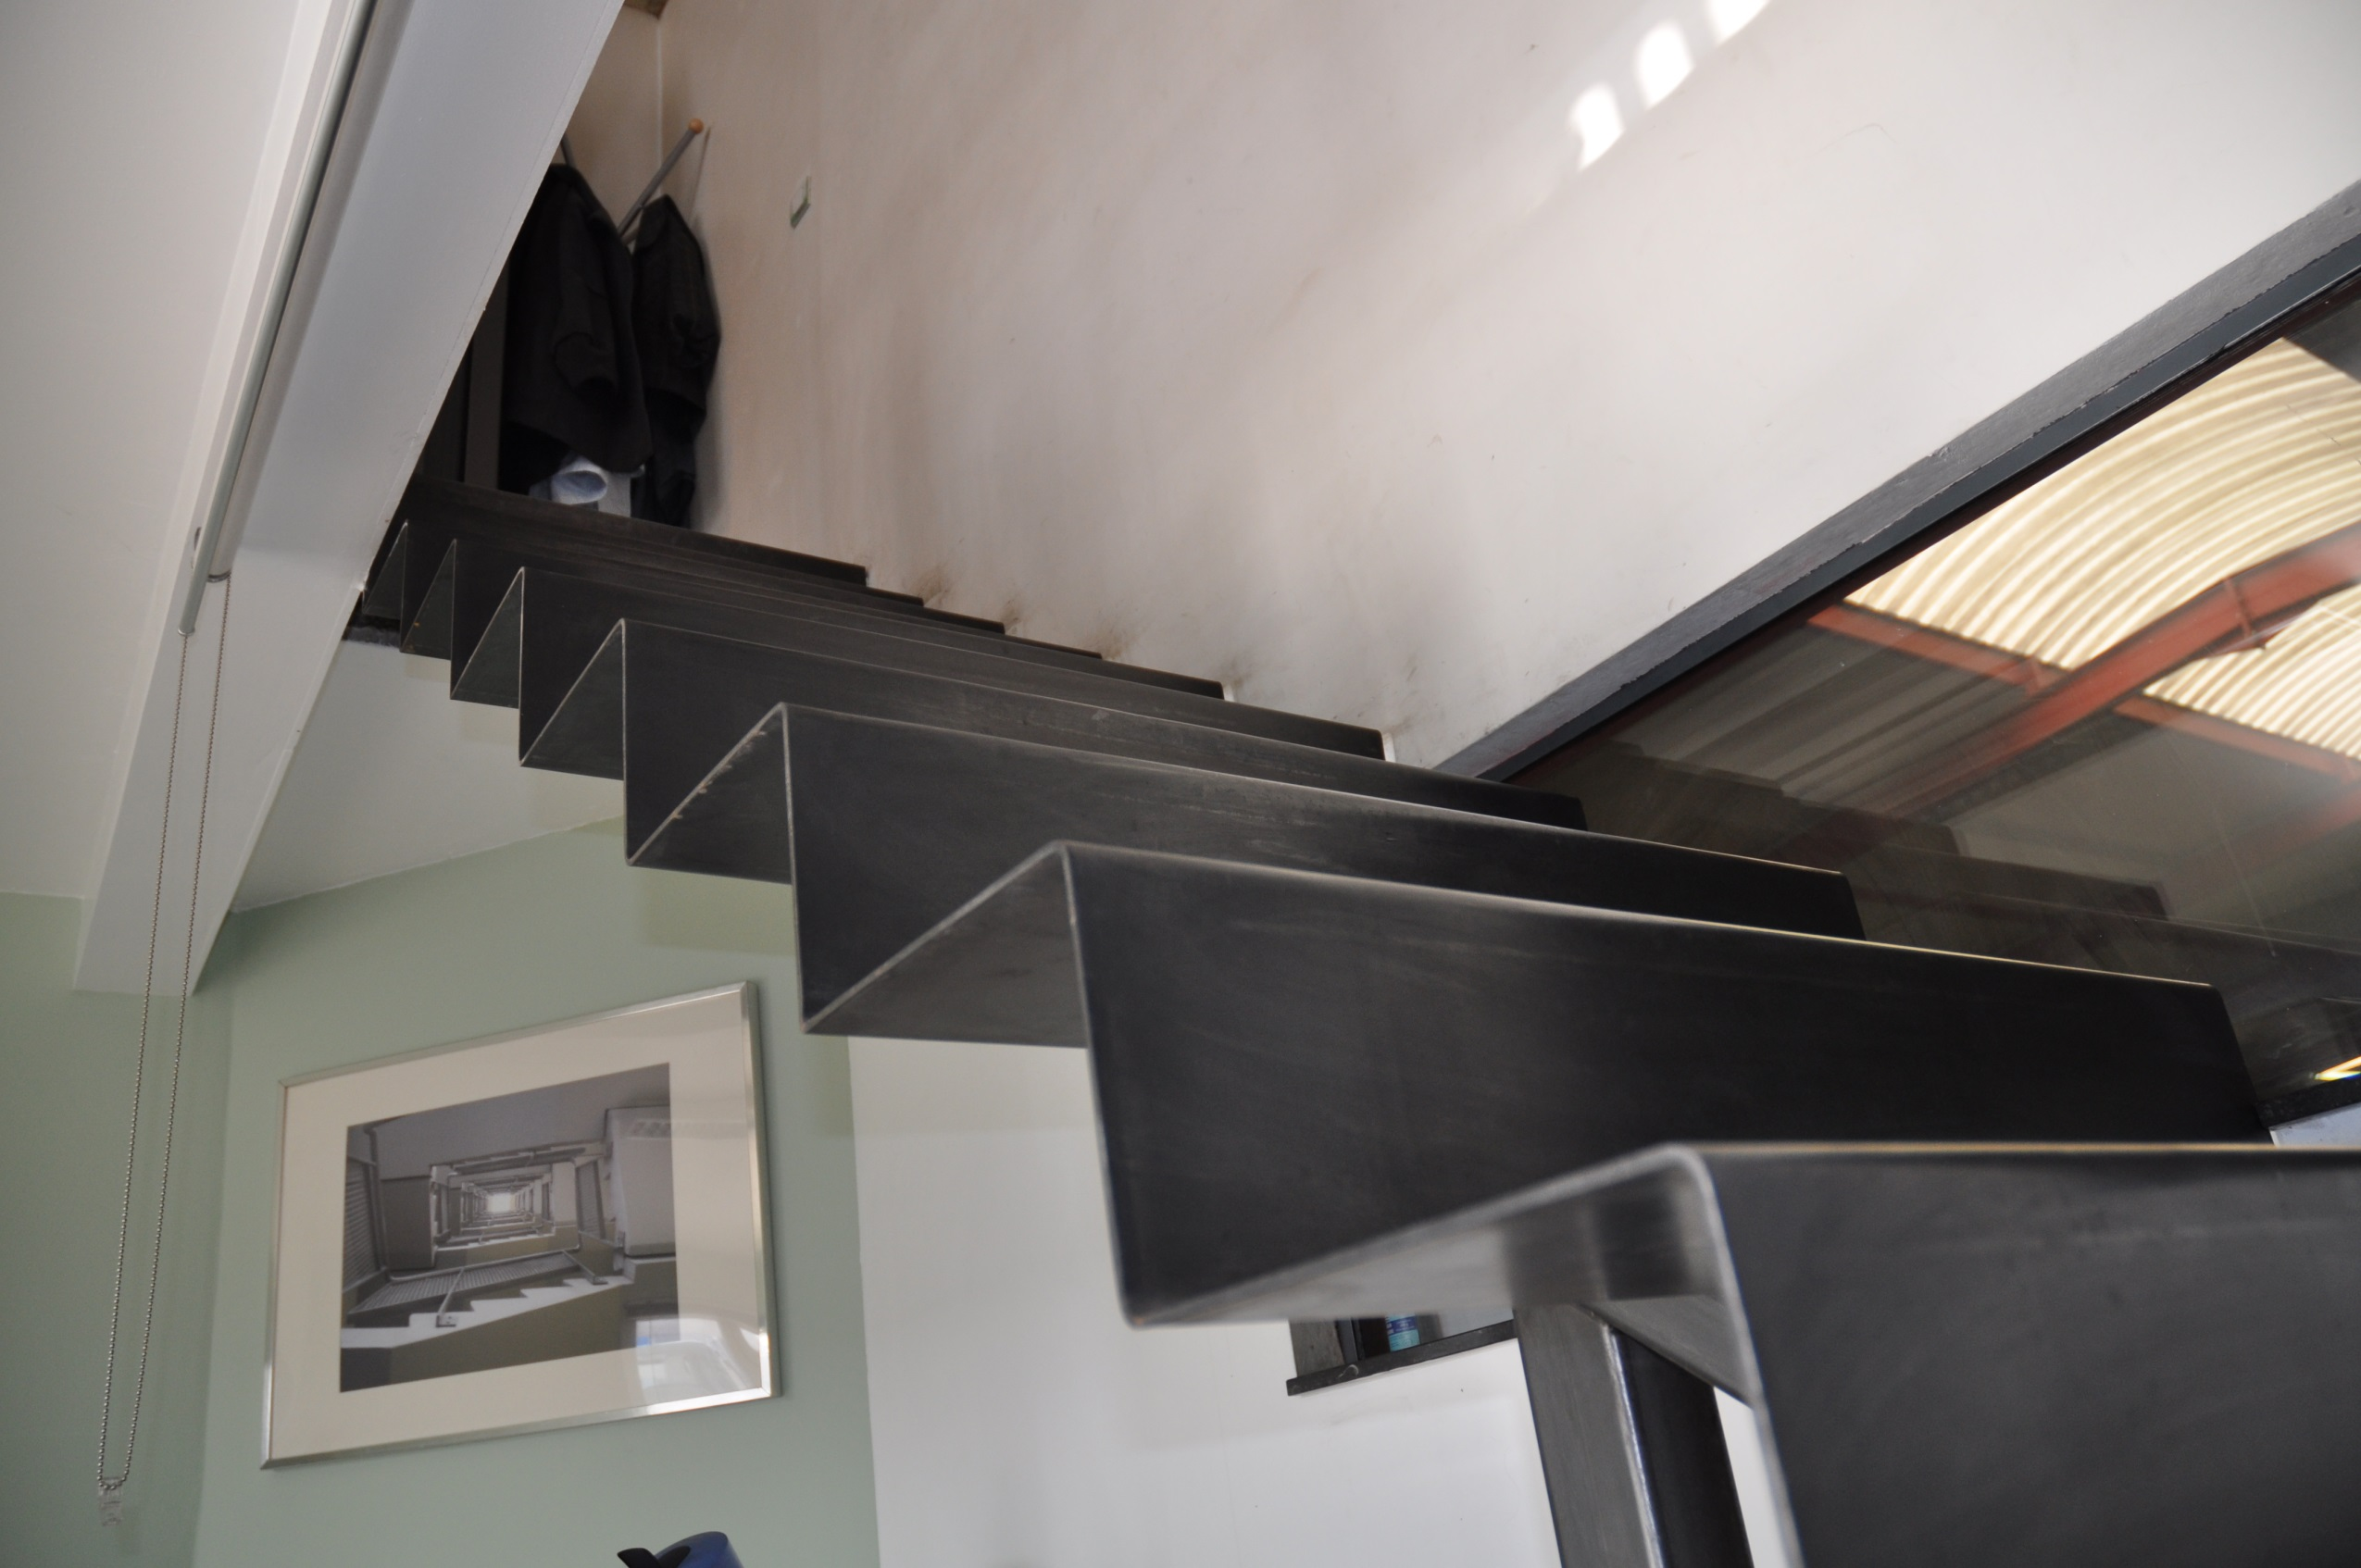 Escalier Acier Brut construction d'escaliers sur liège   ets bertrand